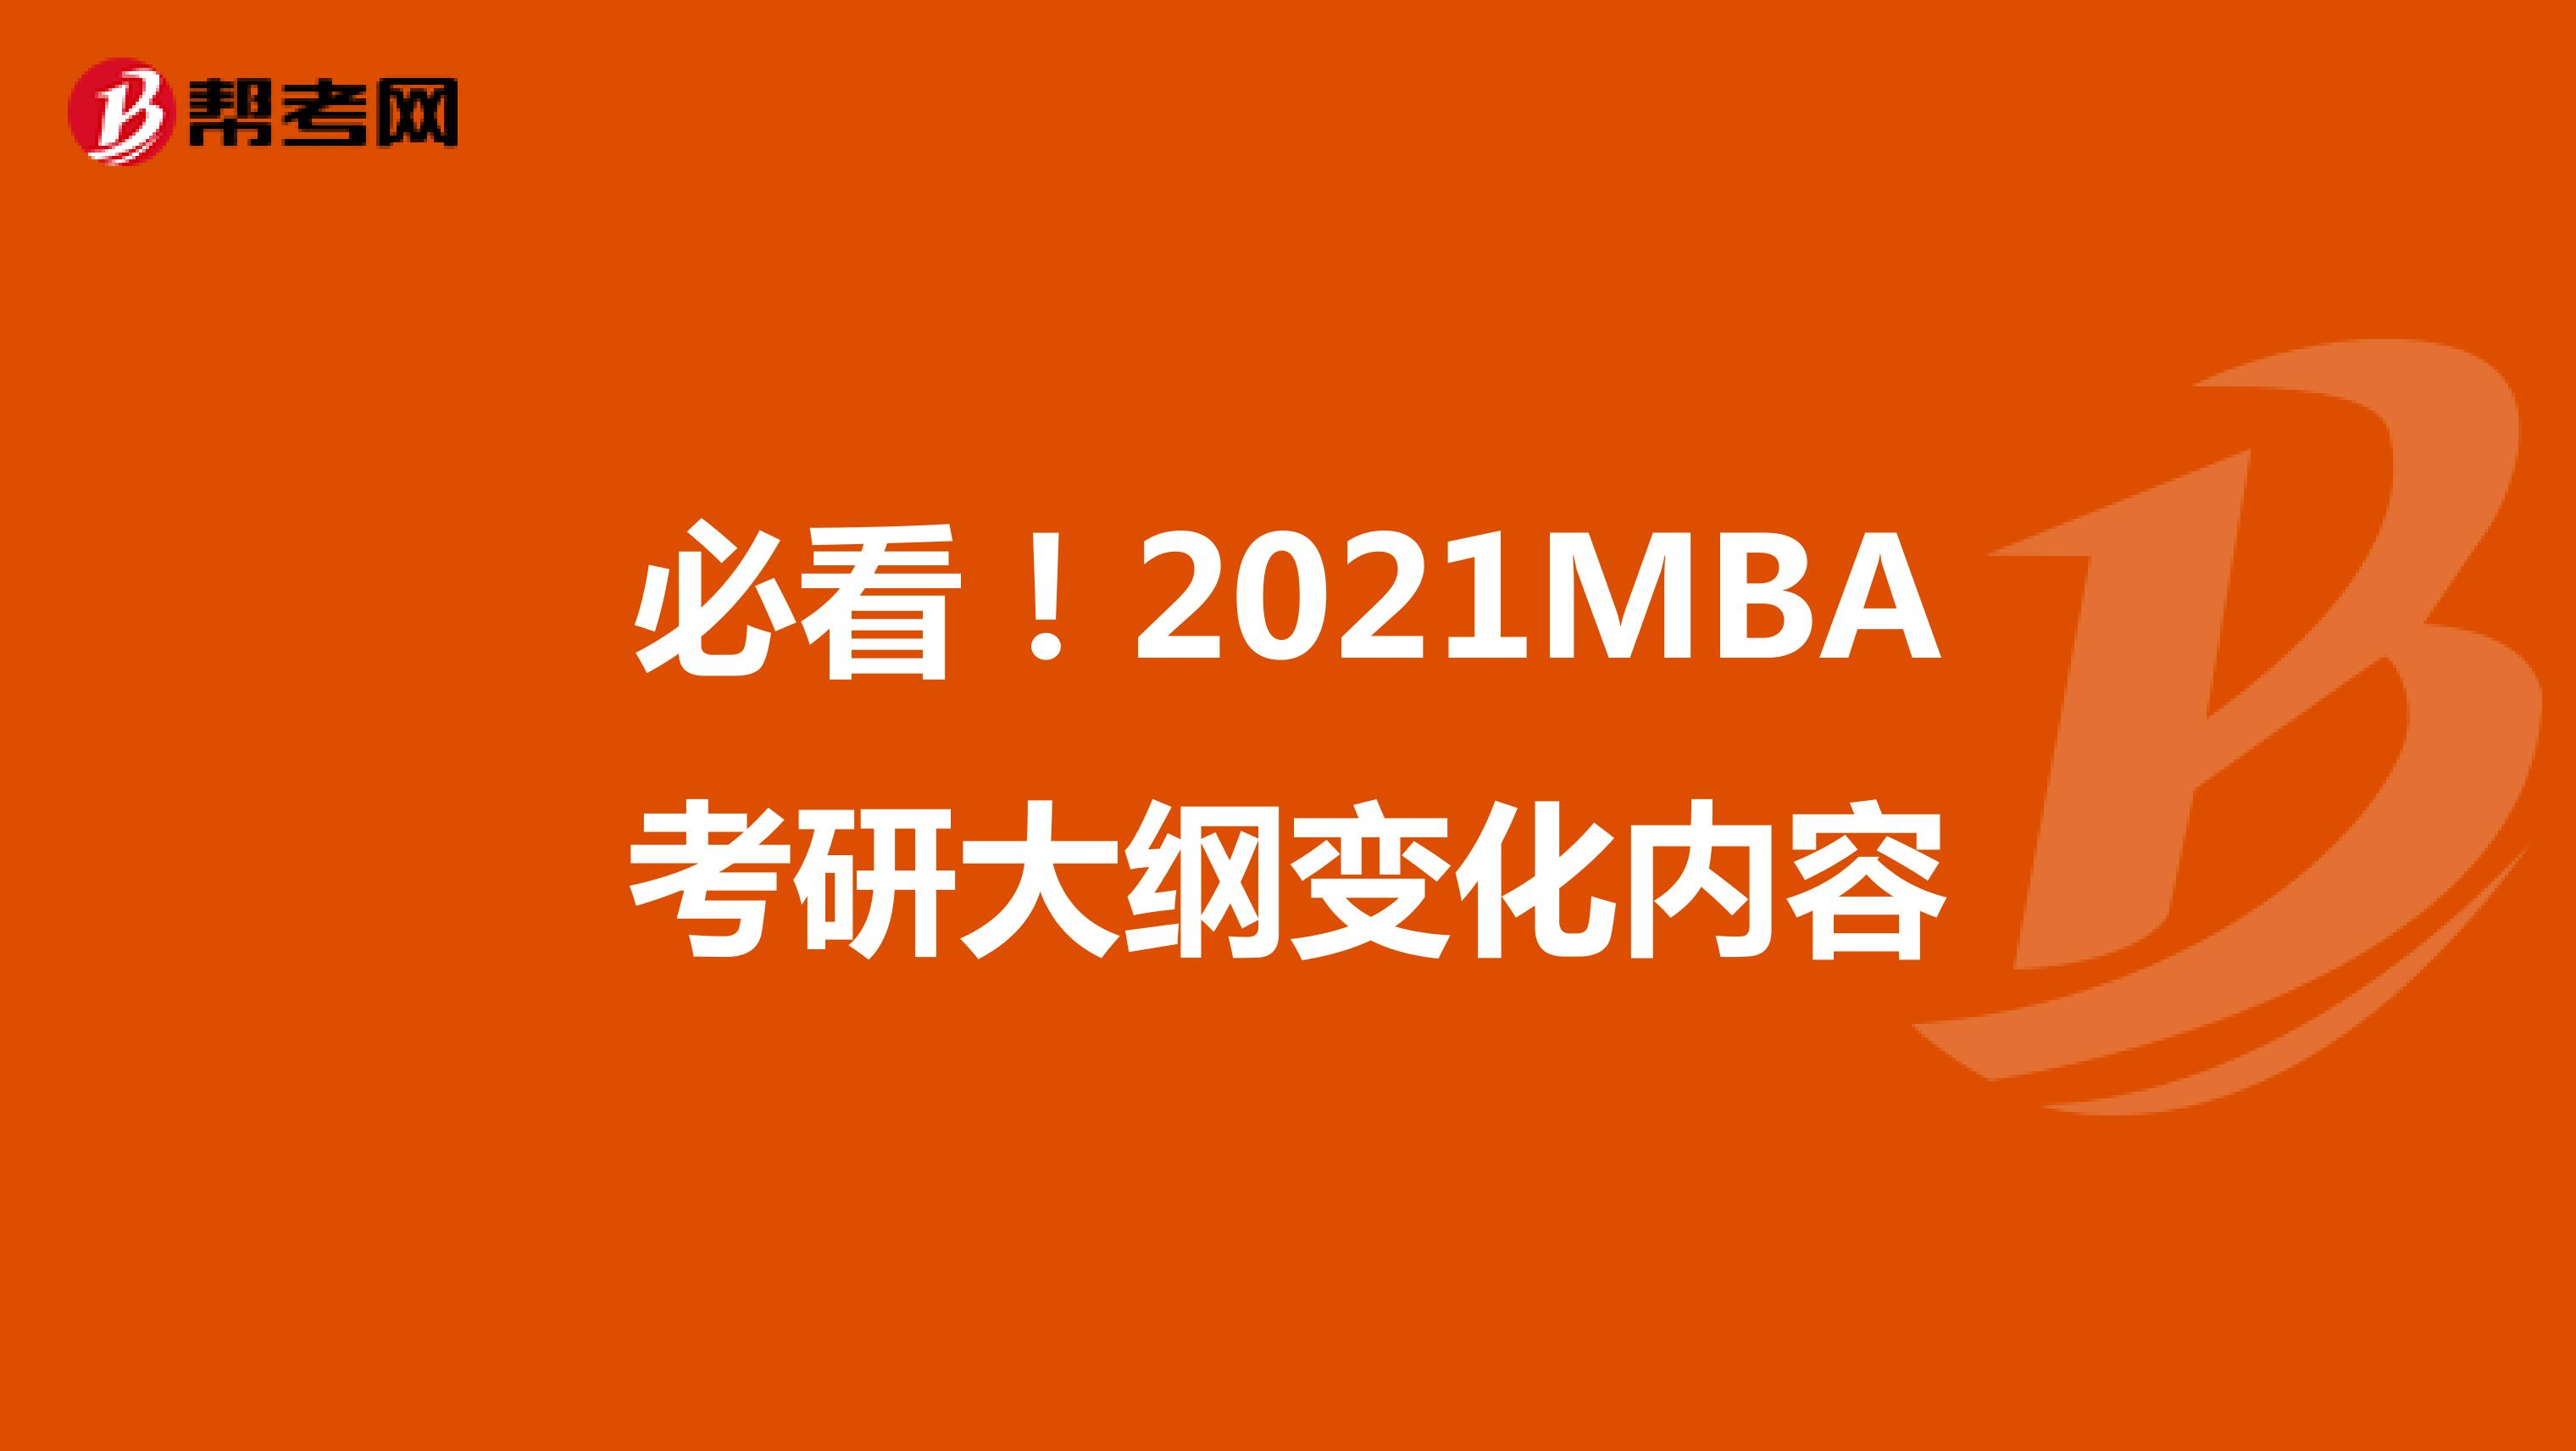 必看!2021MBA考研大纲变化内容